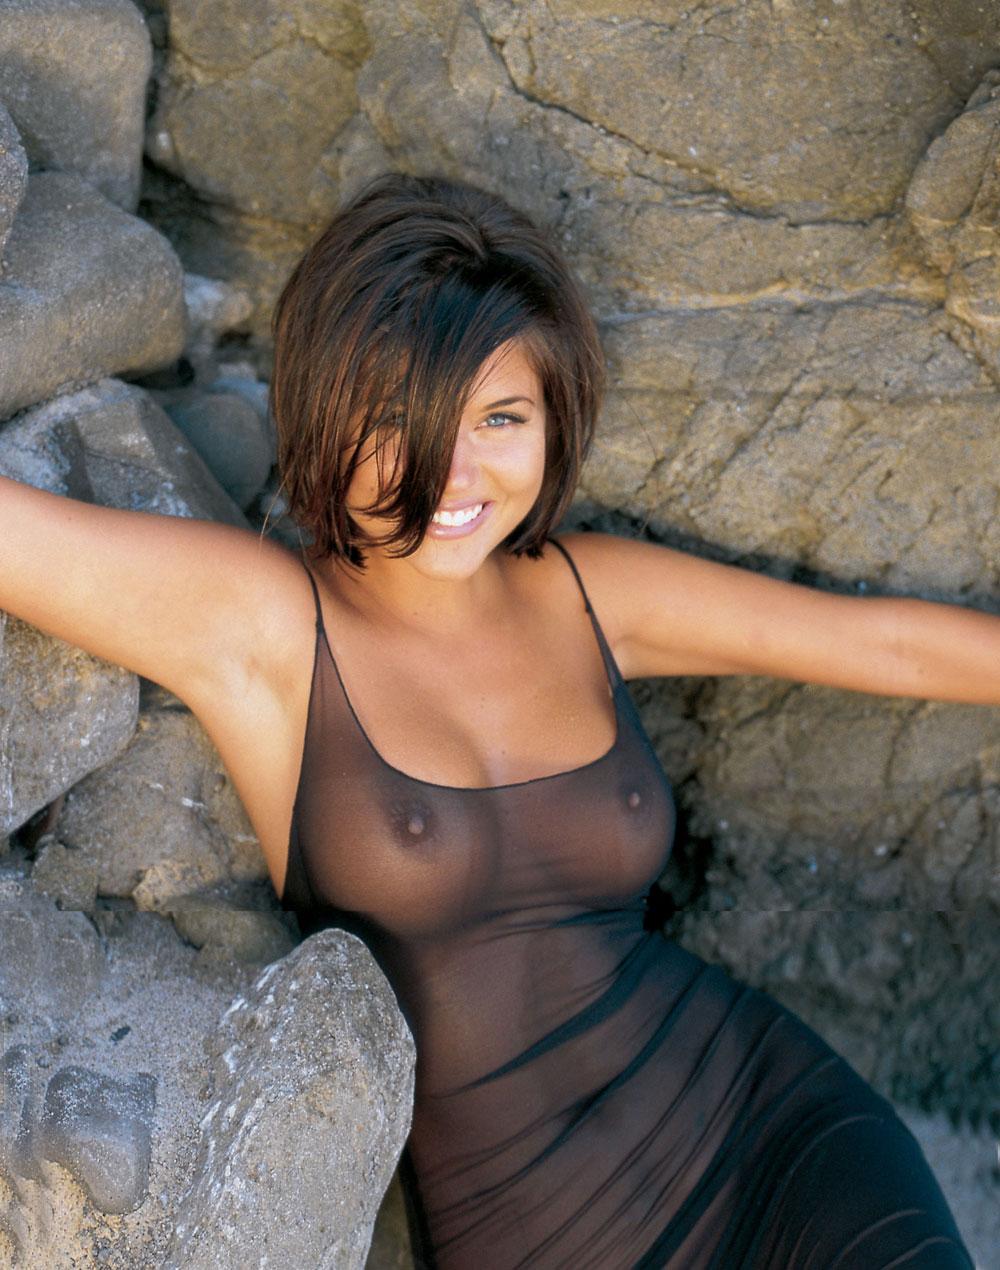 Tiffani Thiessen desnuda - Fotos y Vídeos -